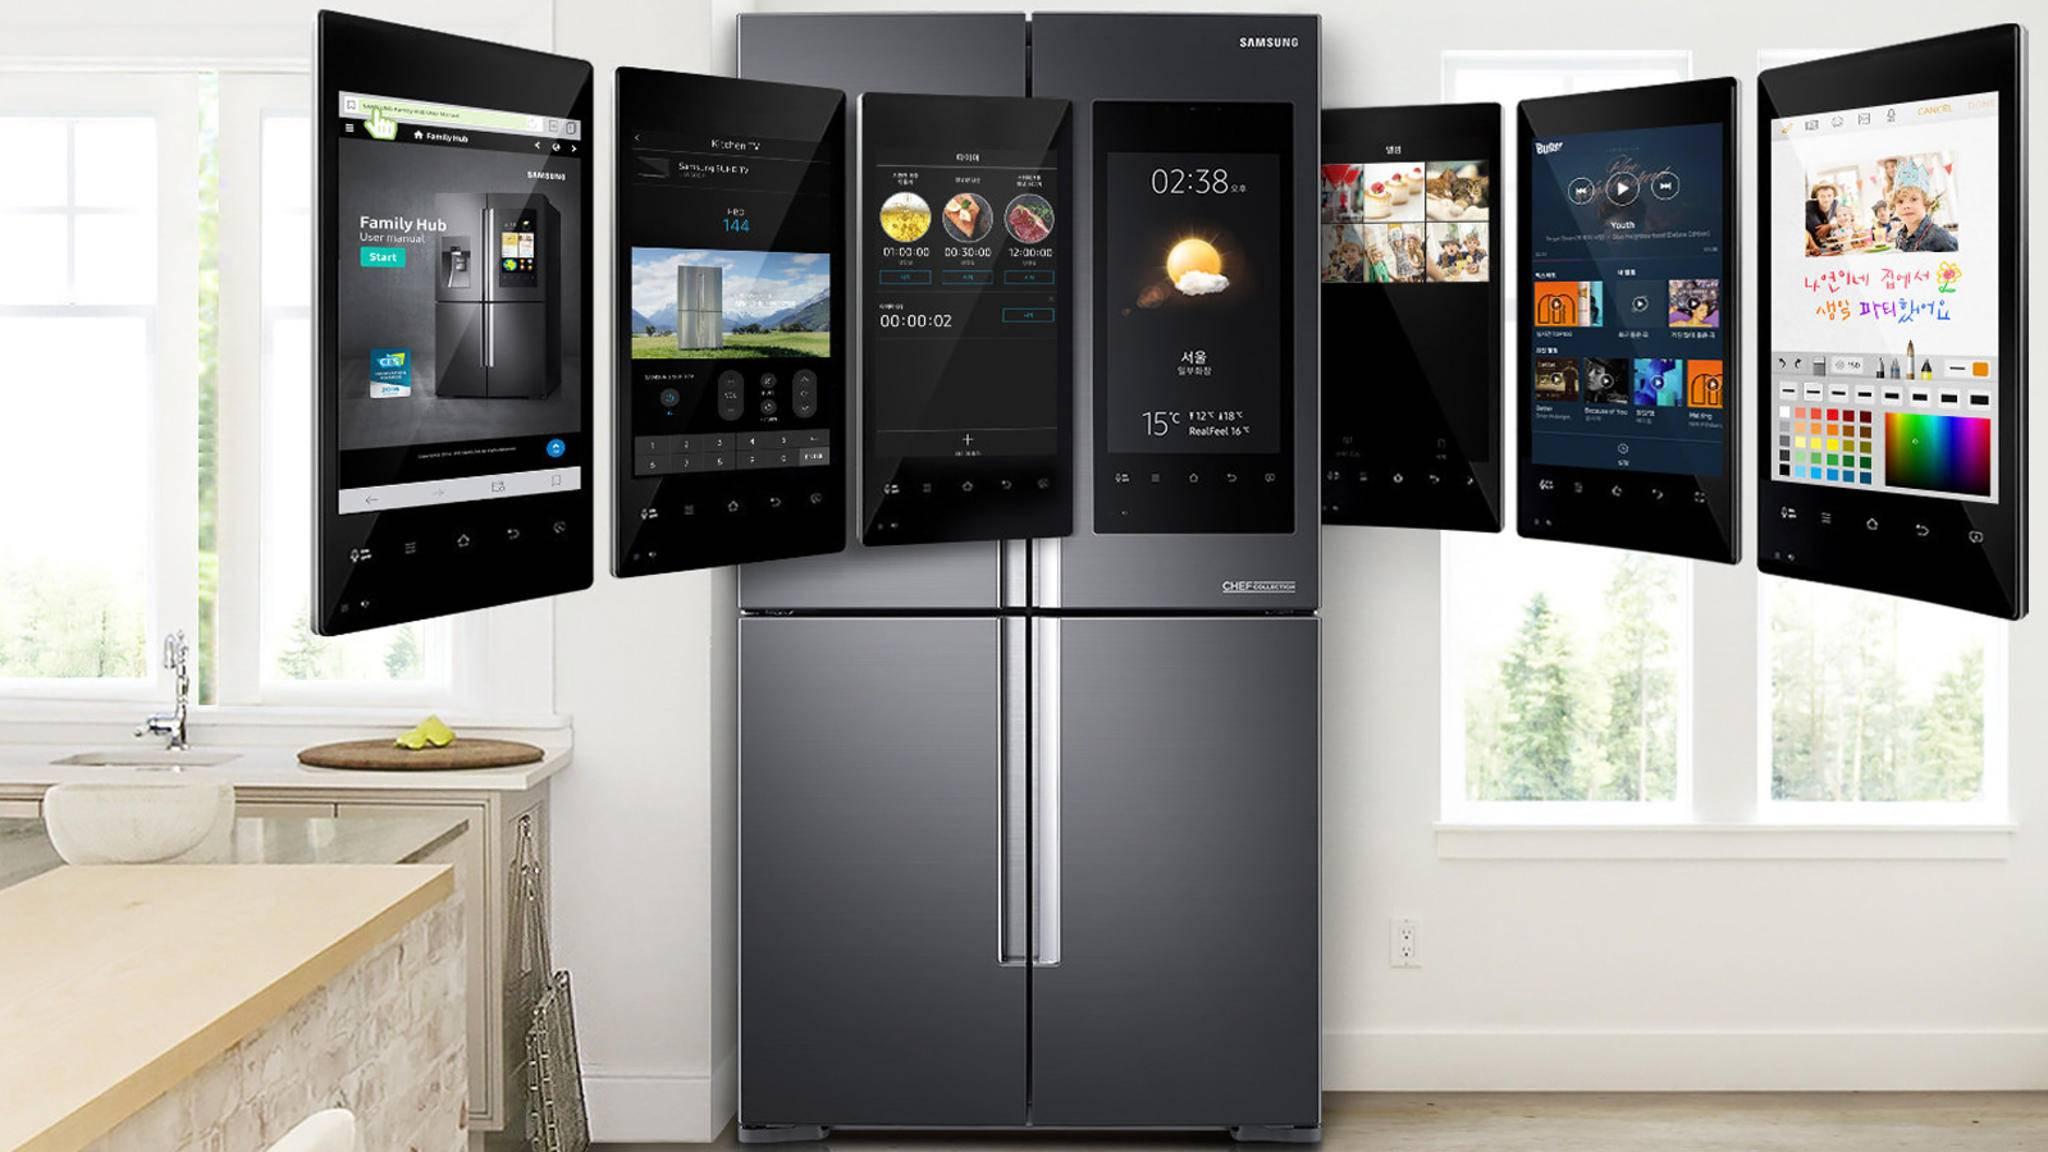 Kühlschrank Samsung : Samsung kühlschrank ebay kleinanzeigen